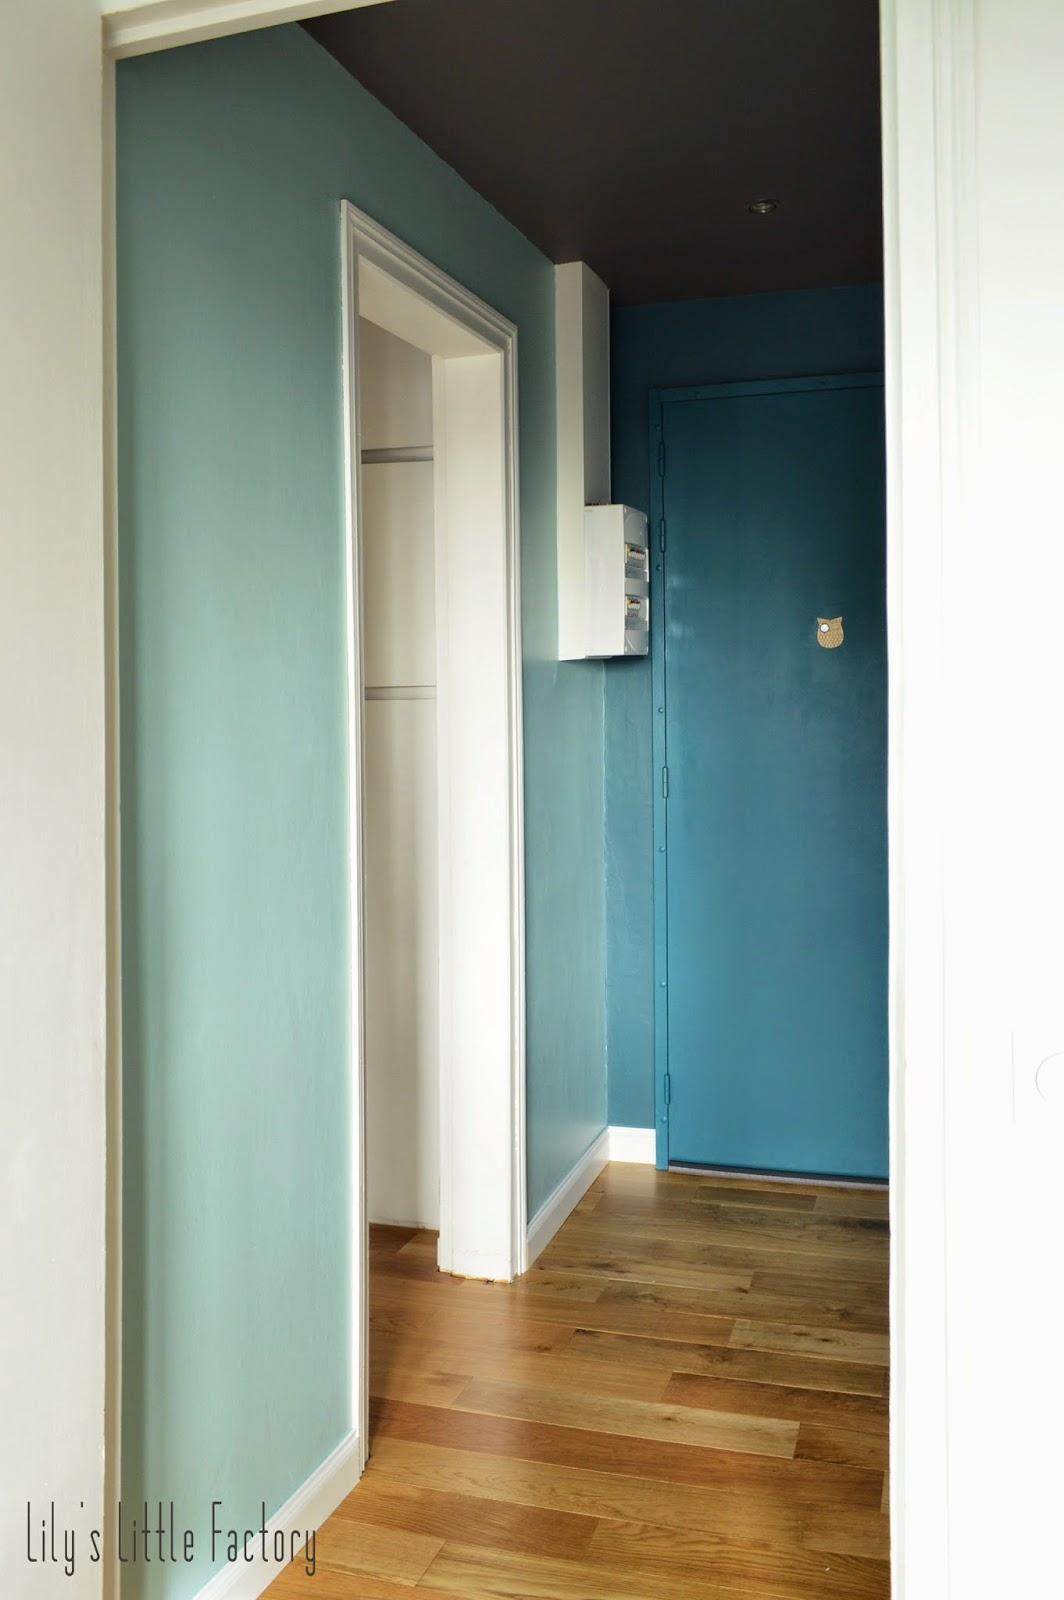 Décoration Petite Entrée Appartement lily's little factory - blog diy - bretagne: une entrée bleu